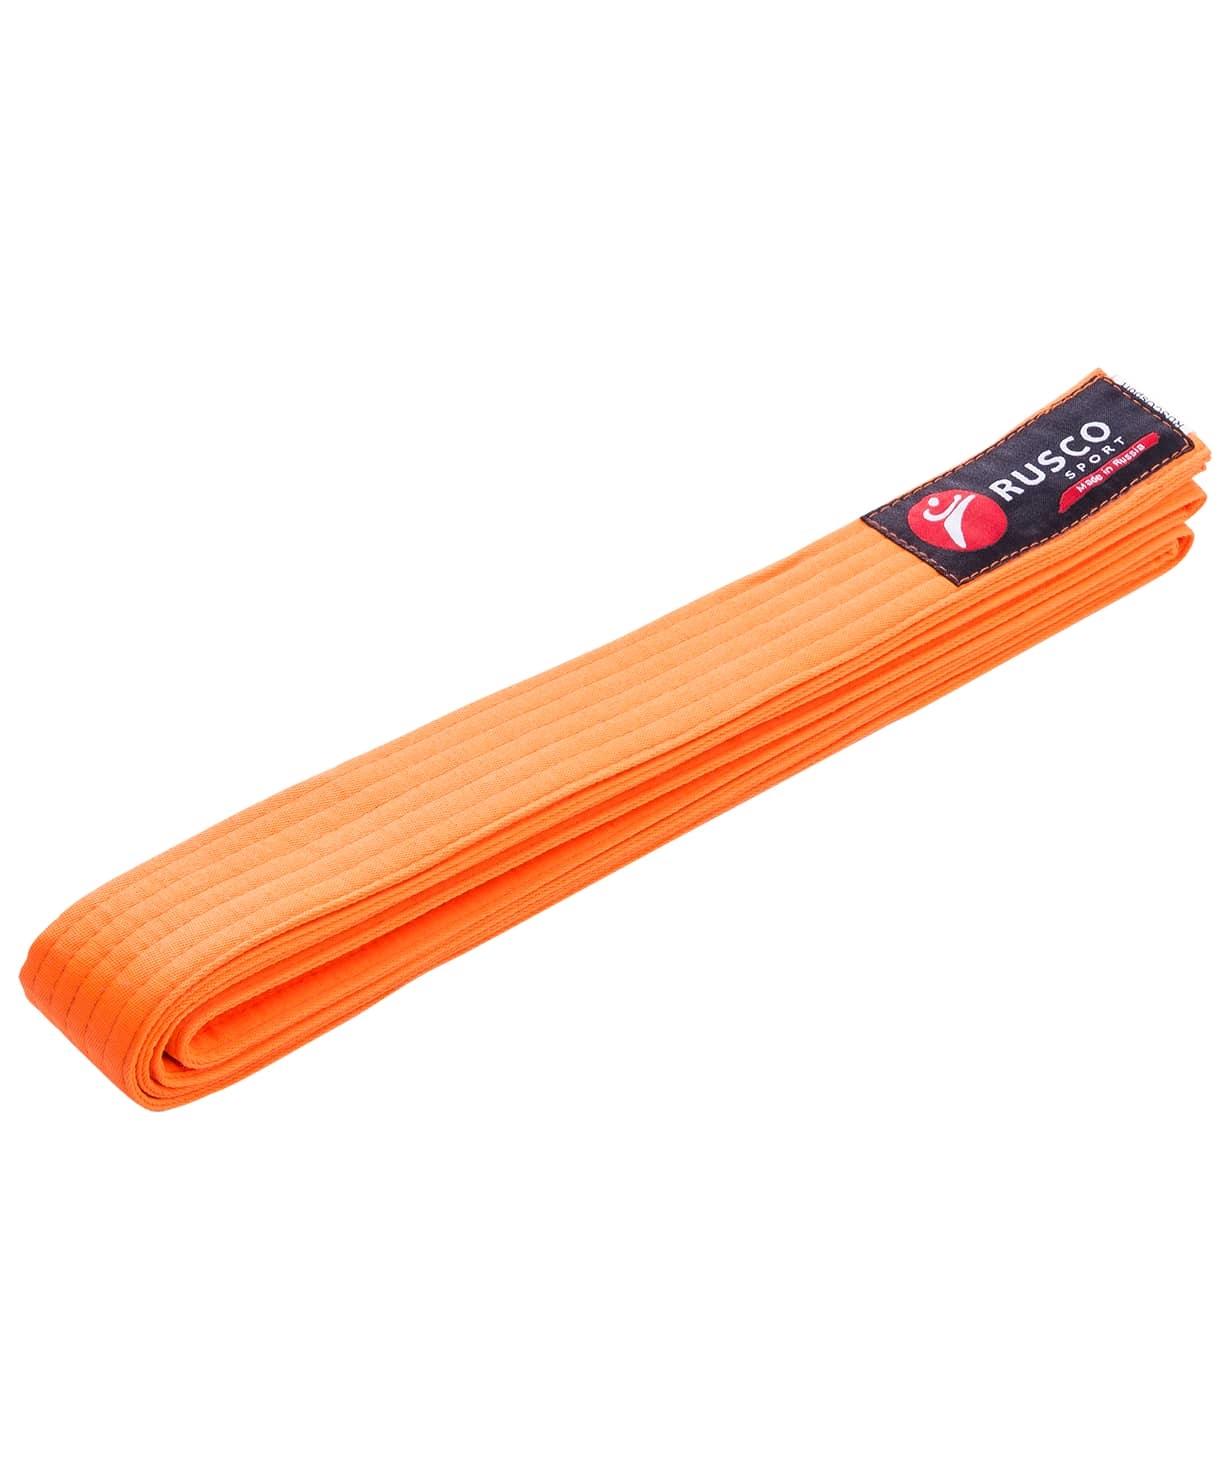 Пояс для единоборств, 240 см, оранжевый